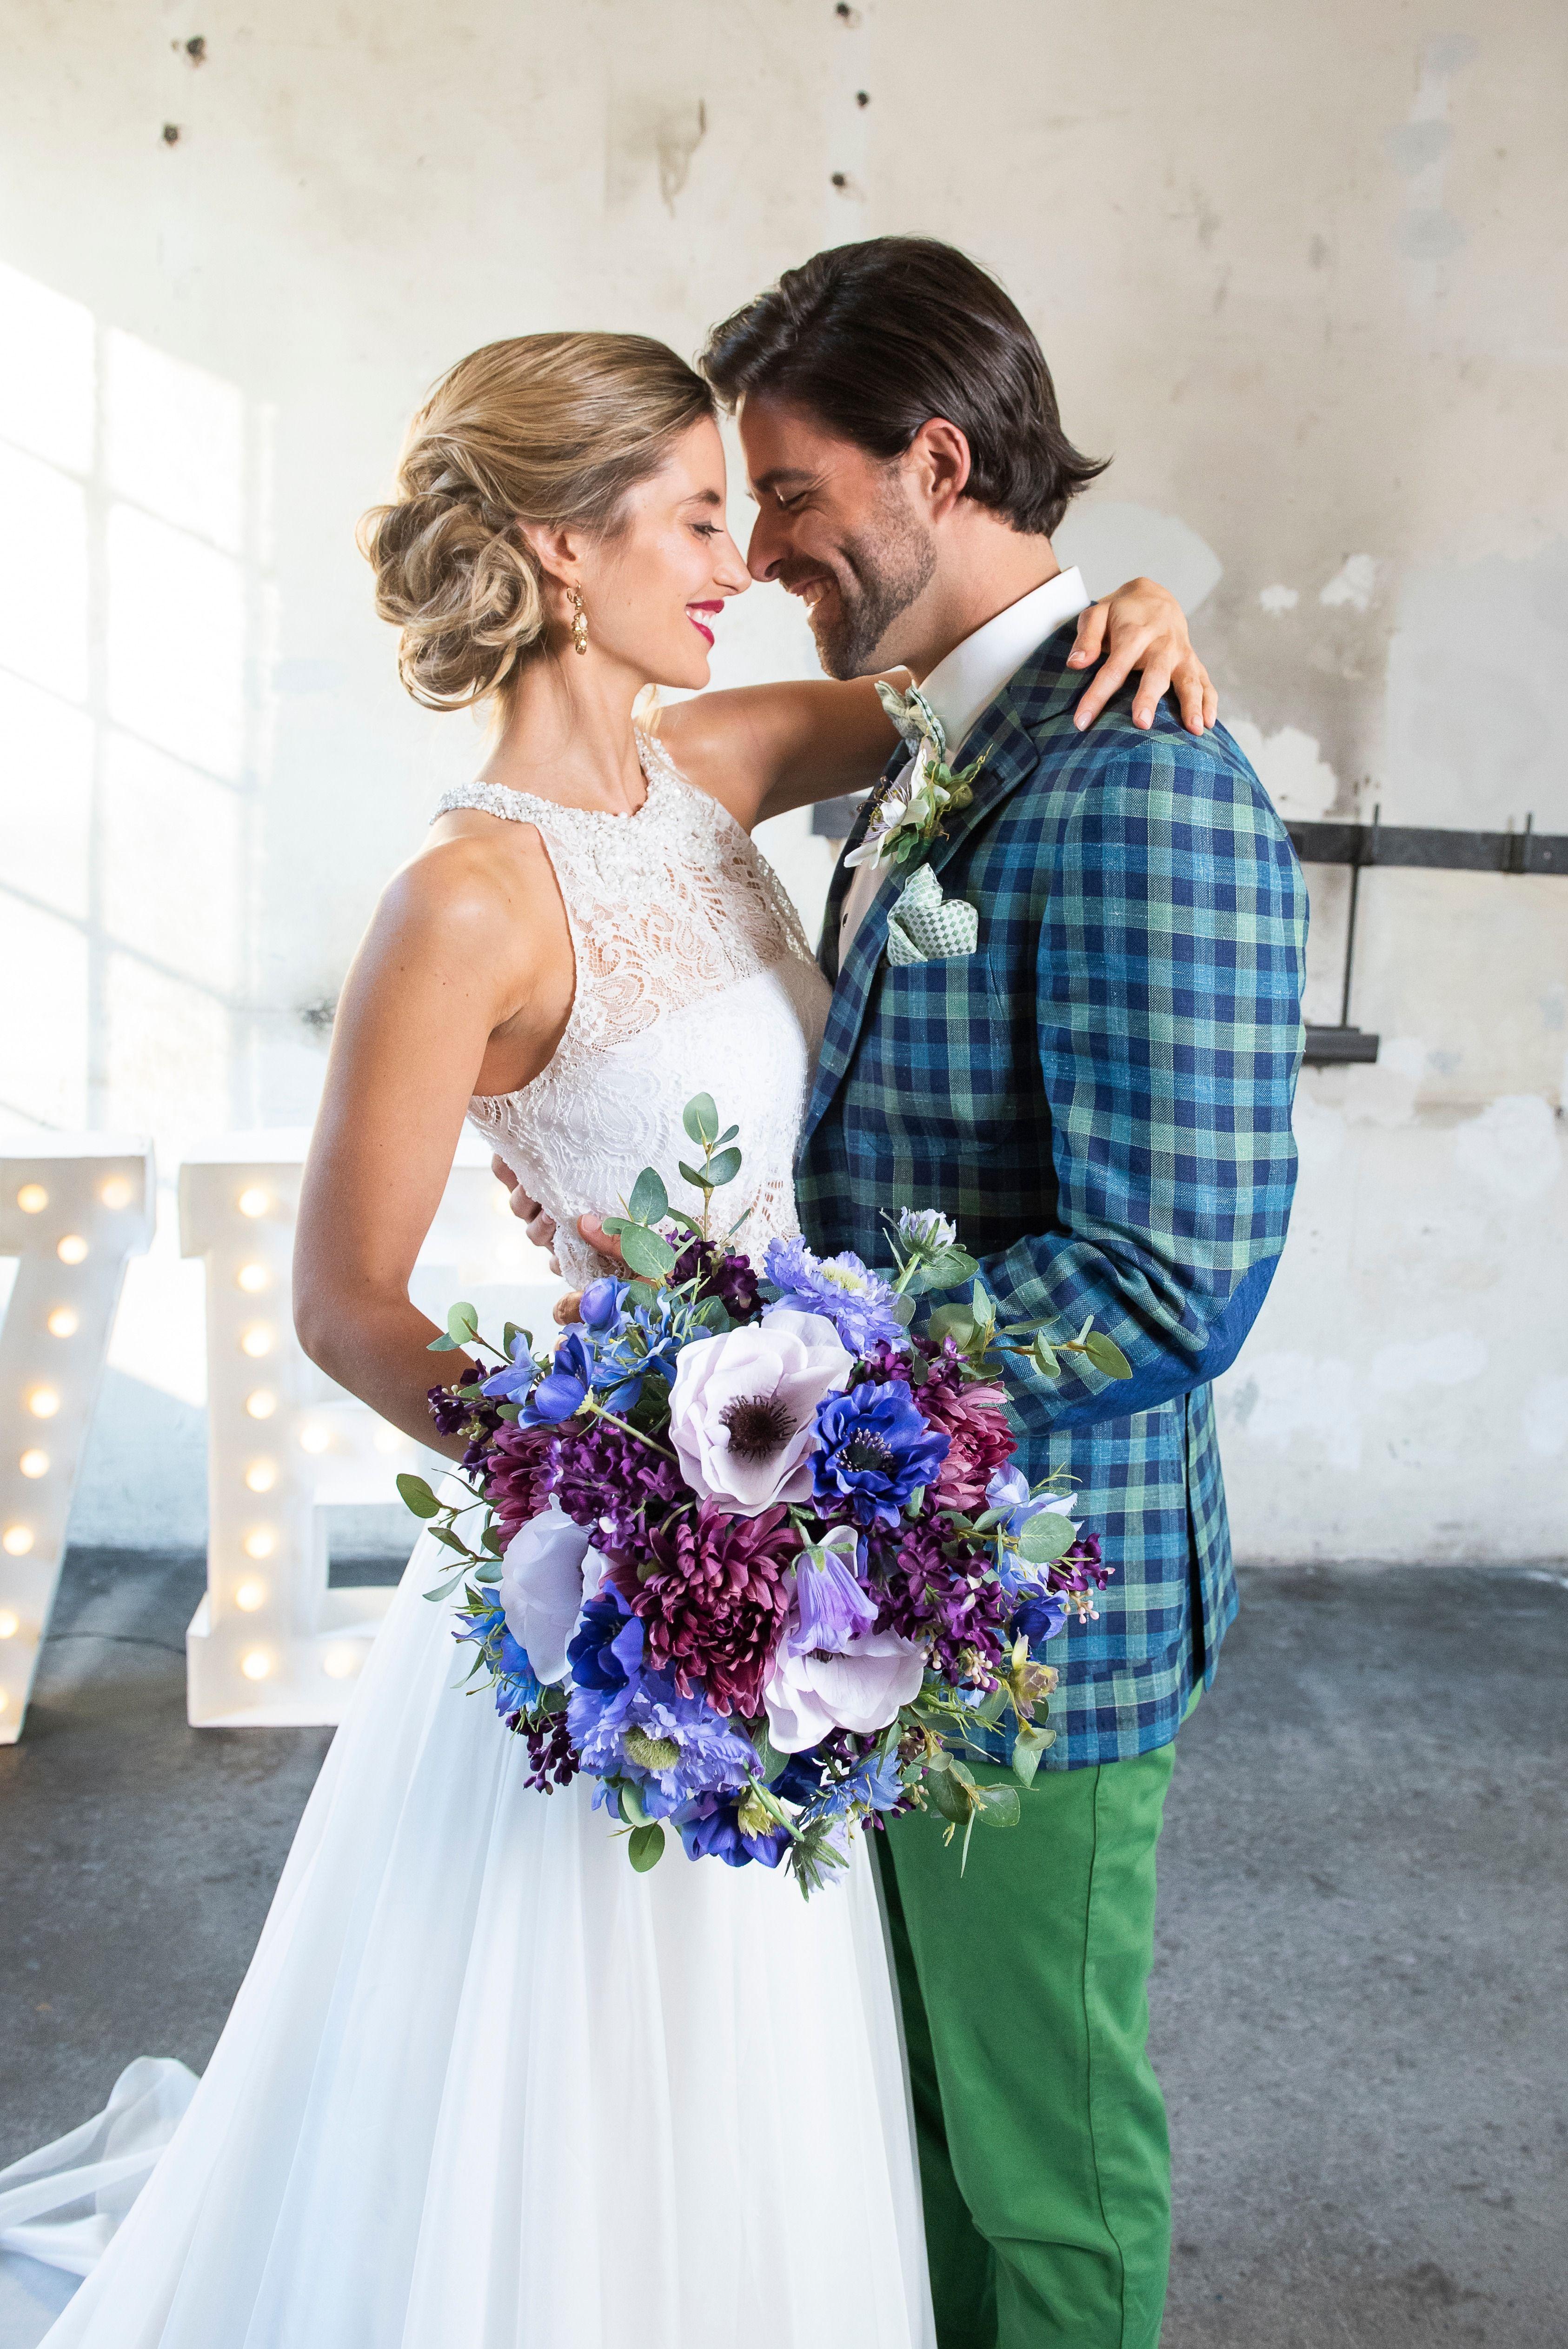 Industrial Vintage Wedding Look Mit Diesem Frechen Hochzeitsoutfit Fur Den Herrn Zieht Man Die Blicke Auf Sich Nisago Hochzeitsoutfit Hochzeit Kleid Hochzeit